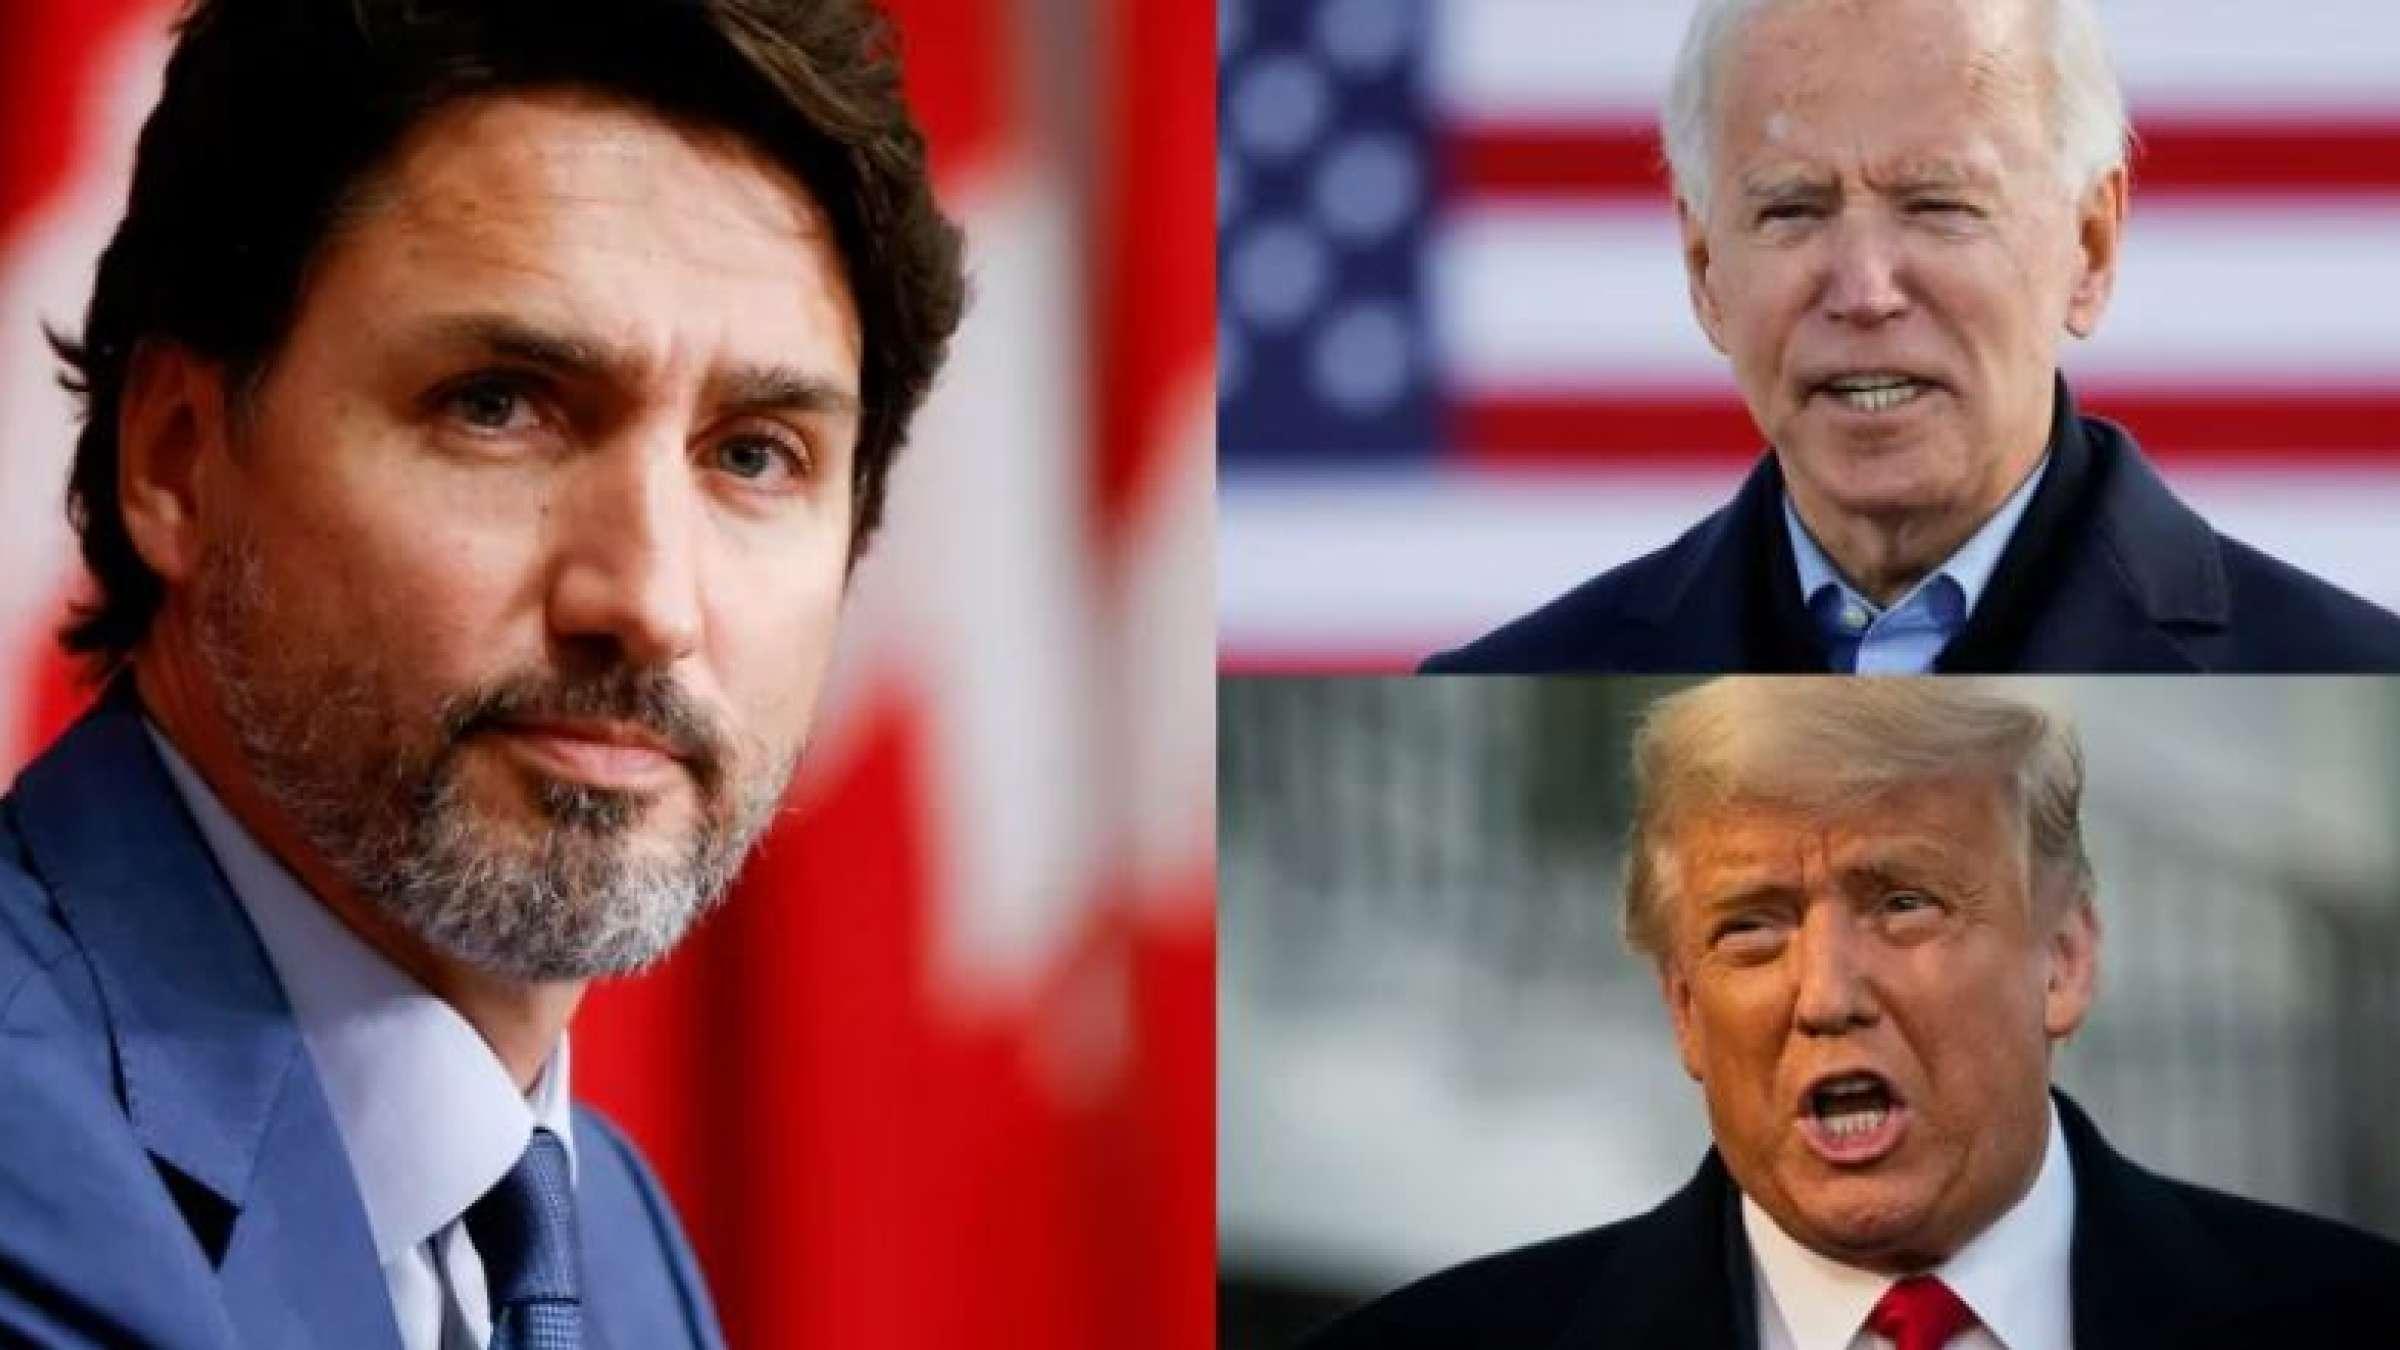 کنایه-های-ترودو-به-ادعای-تقلب-در-انتخابات-آمریکا-خودداری-نخست-وزیر-کانادا-از-اظهار- نظر-صریح-درباره-نتیجه-انتخابات